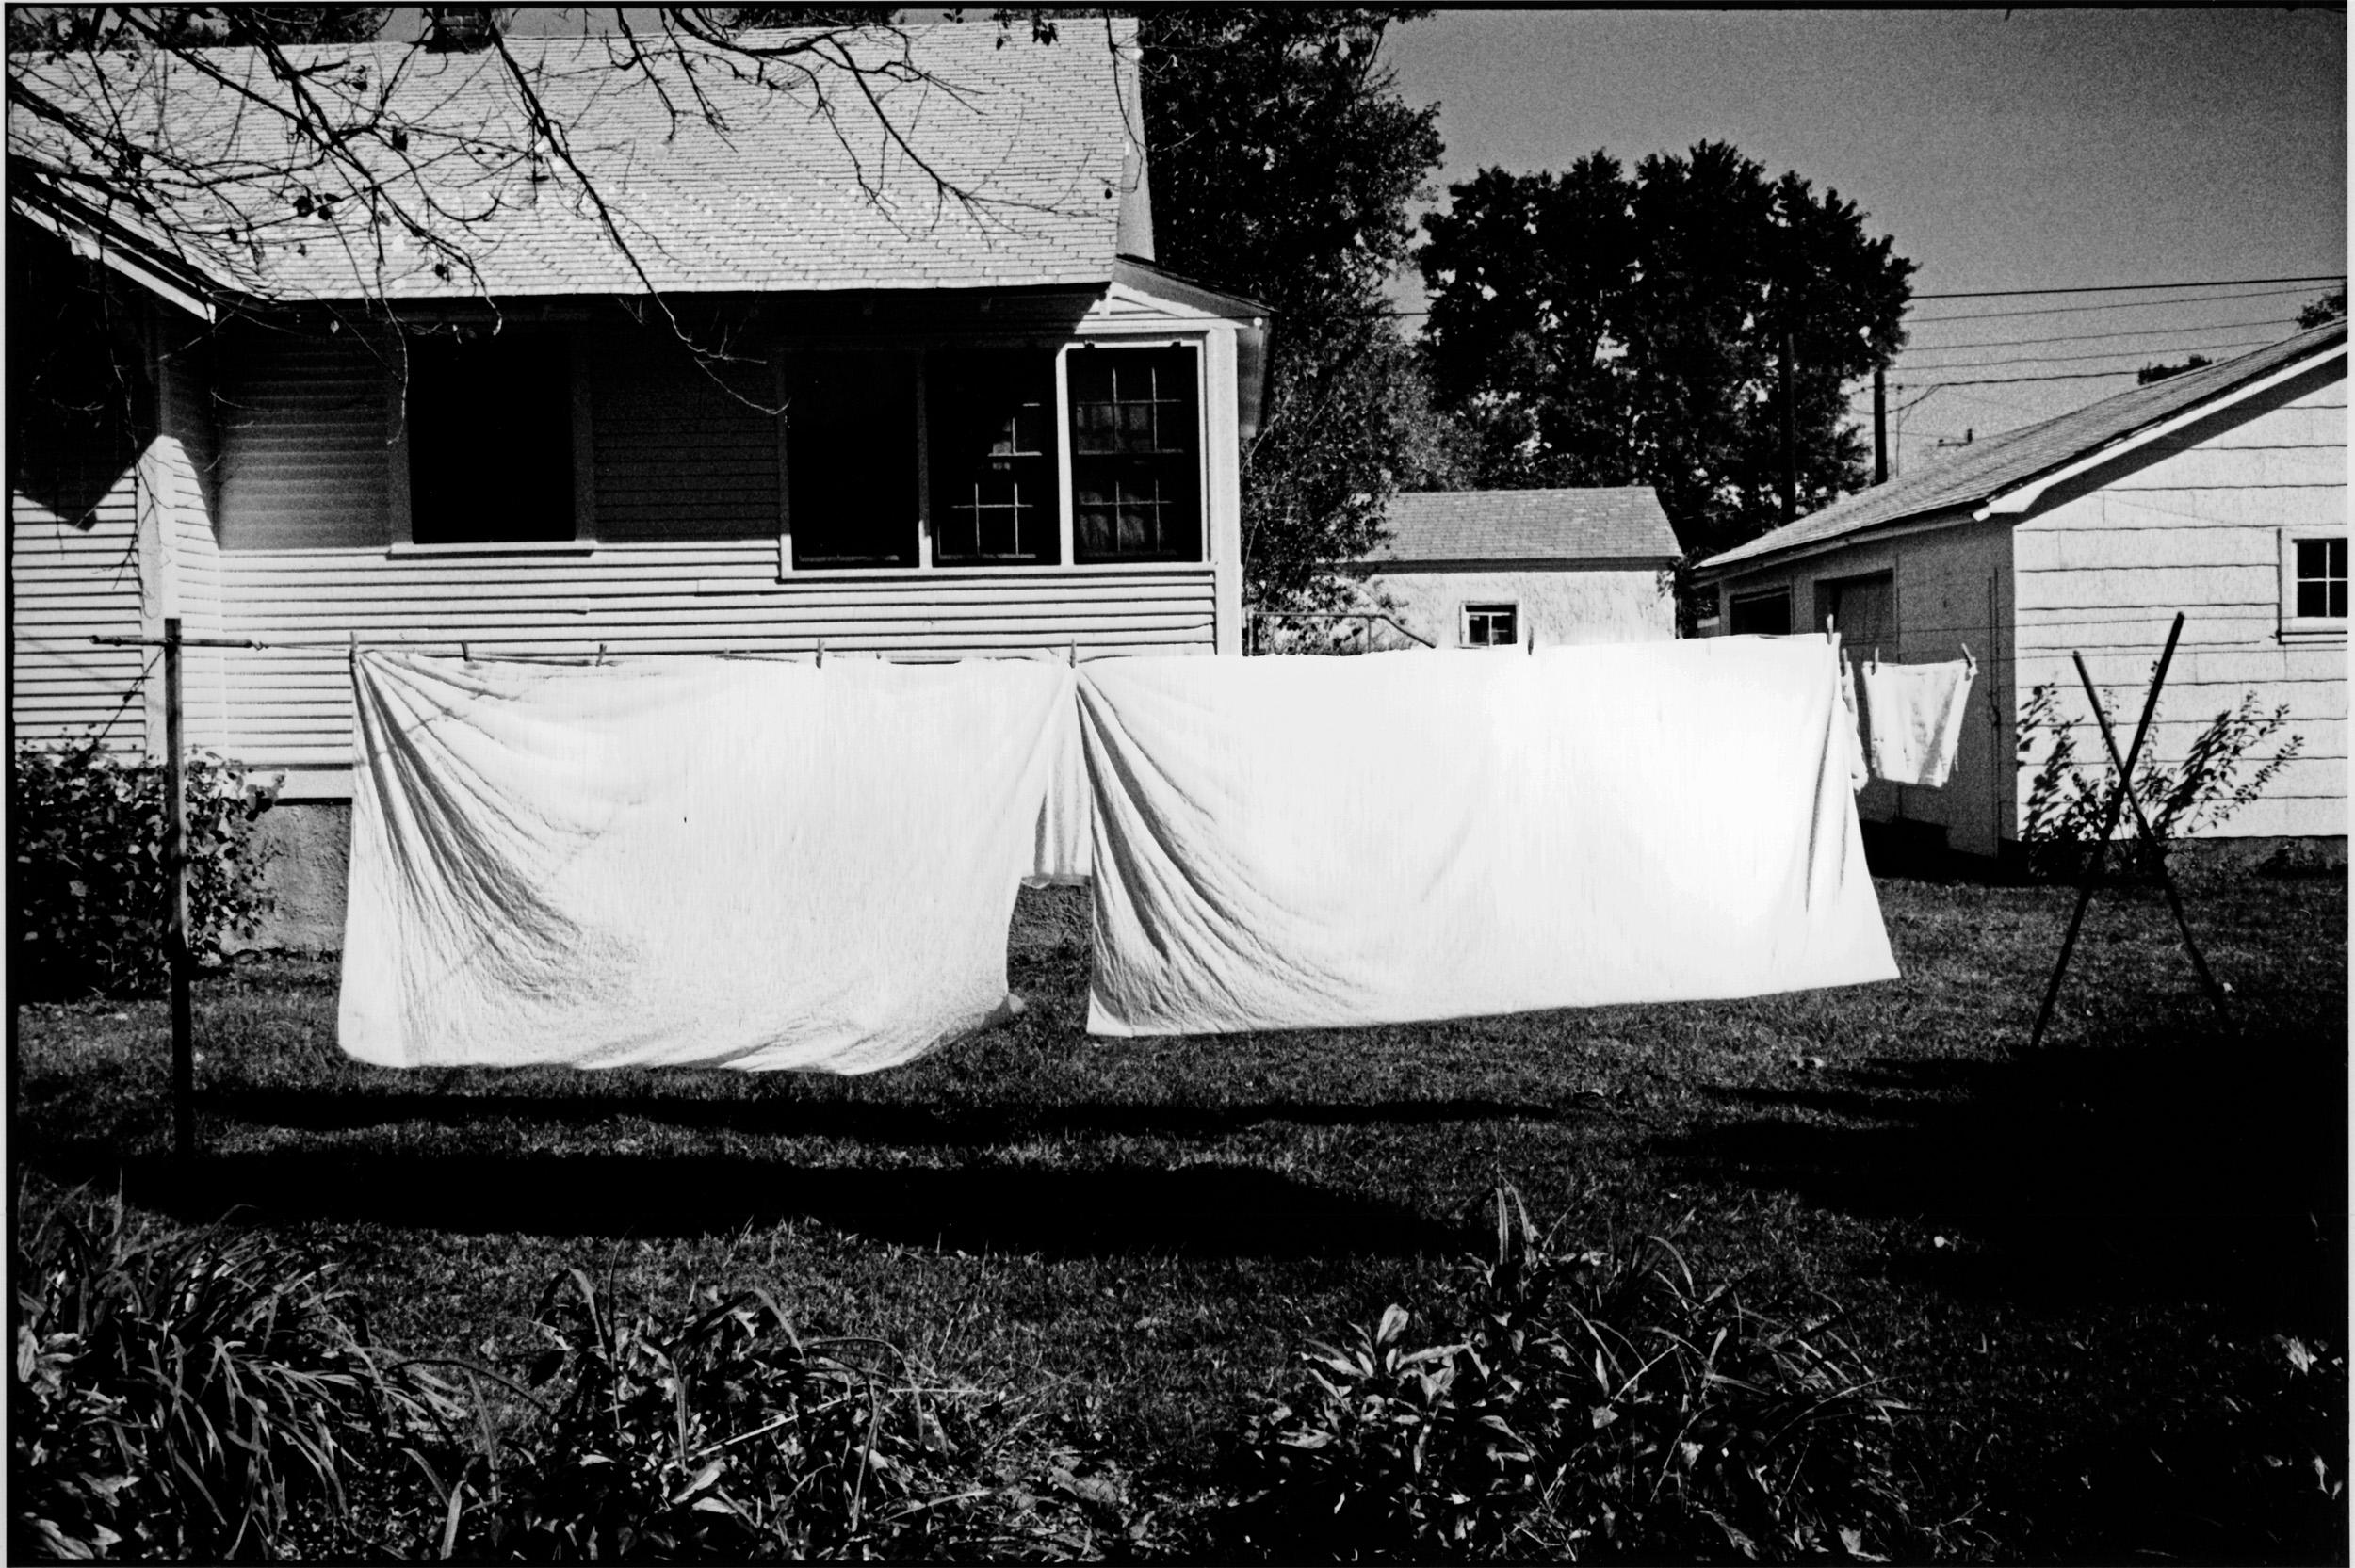 Cassville, Missouri, 1977